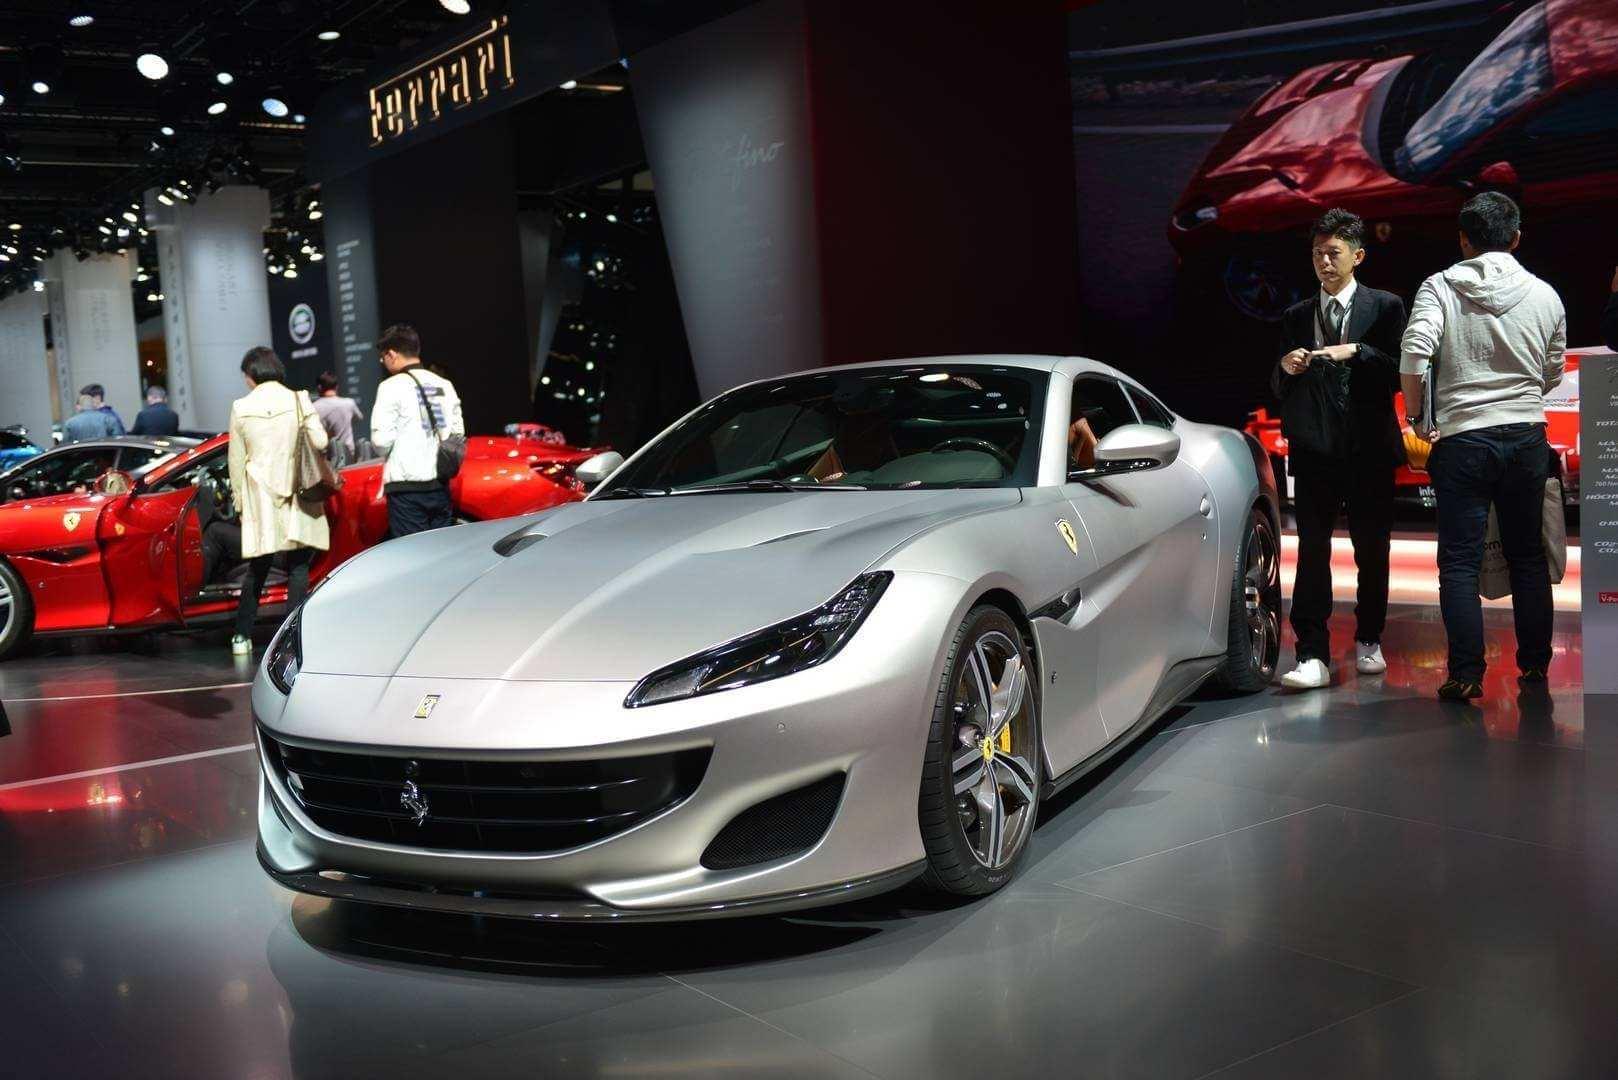 29 Great Ferrari Modelle 2020 Specs by Ferrari Modelle 2020